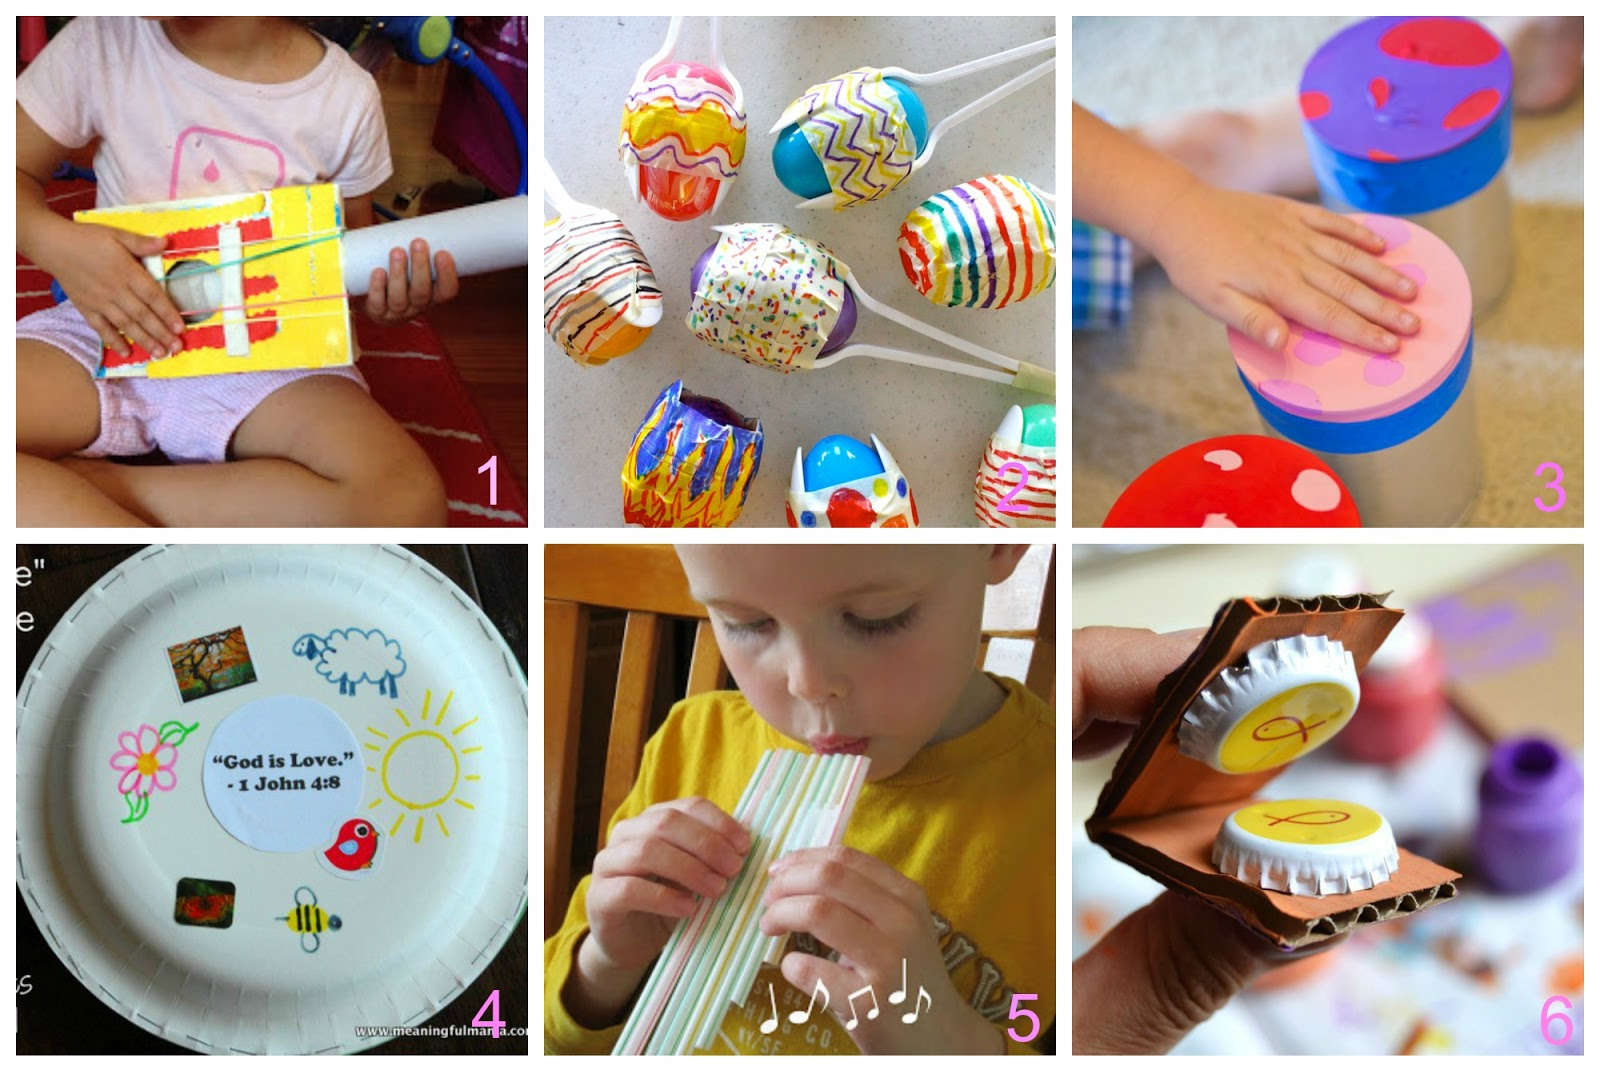 Strumenti musicali per bambini fai da te con materiali che abbiamo in casa donneinpink magazine - Casa plastica per bambini ...